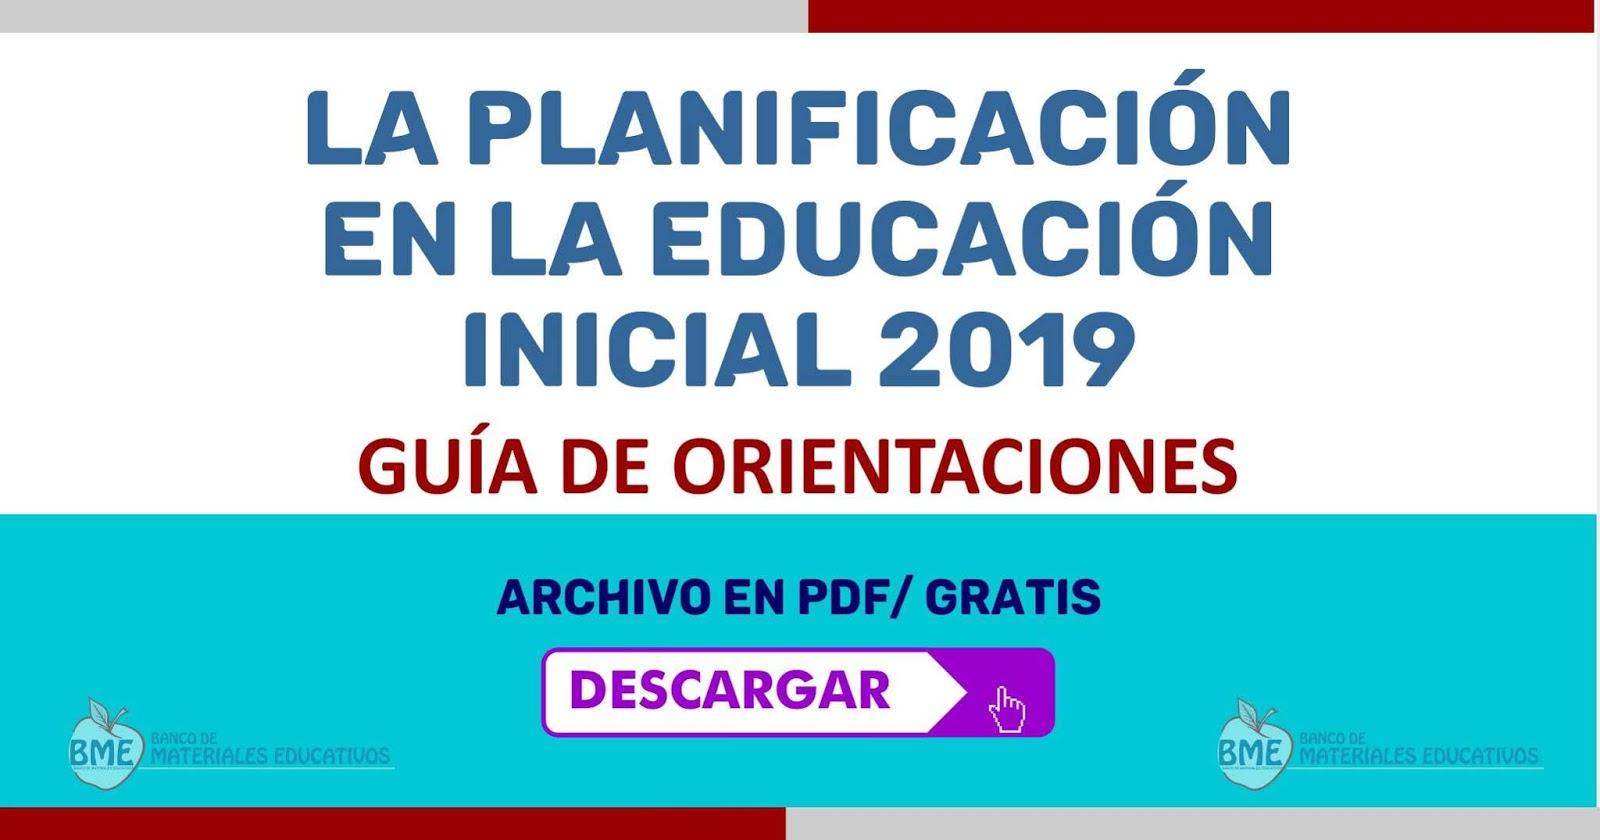 La planificaci n en la educaci n inicial 2019 banco de for Planificacion de educacion inicial